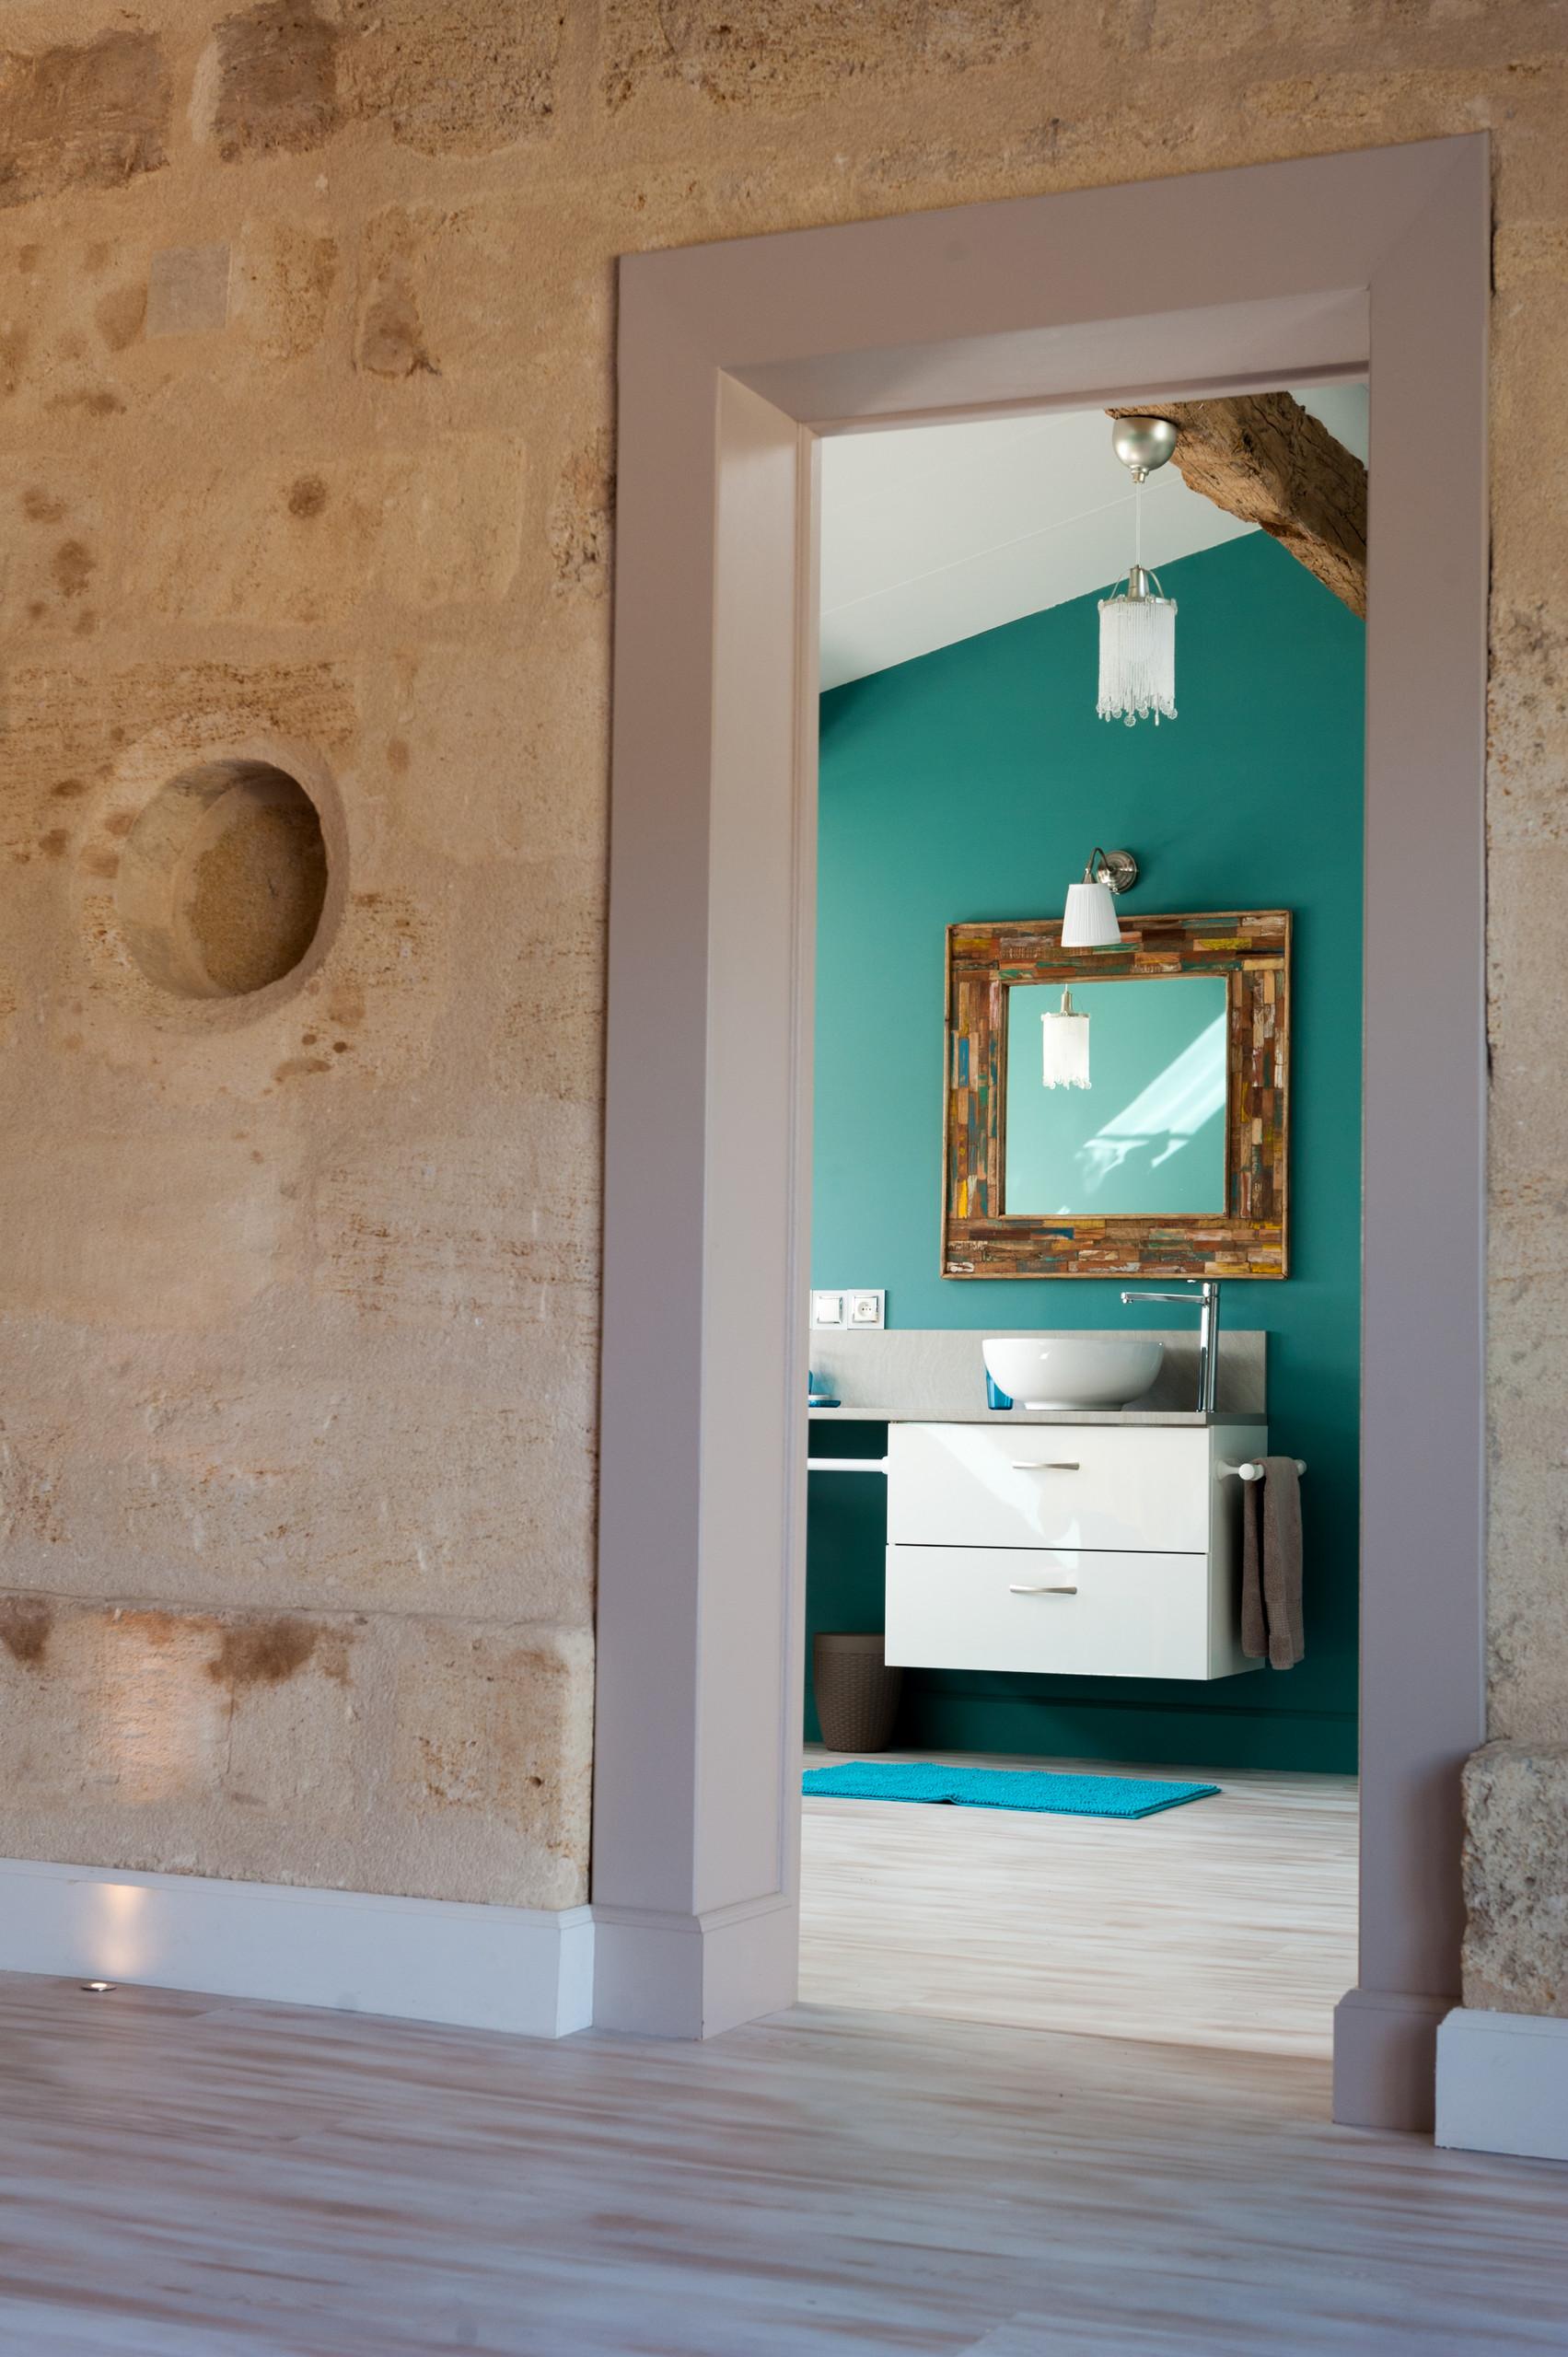 Création d'une chambre dans un grenier avec salle de bains attenante